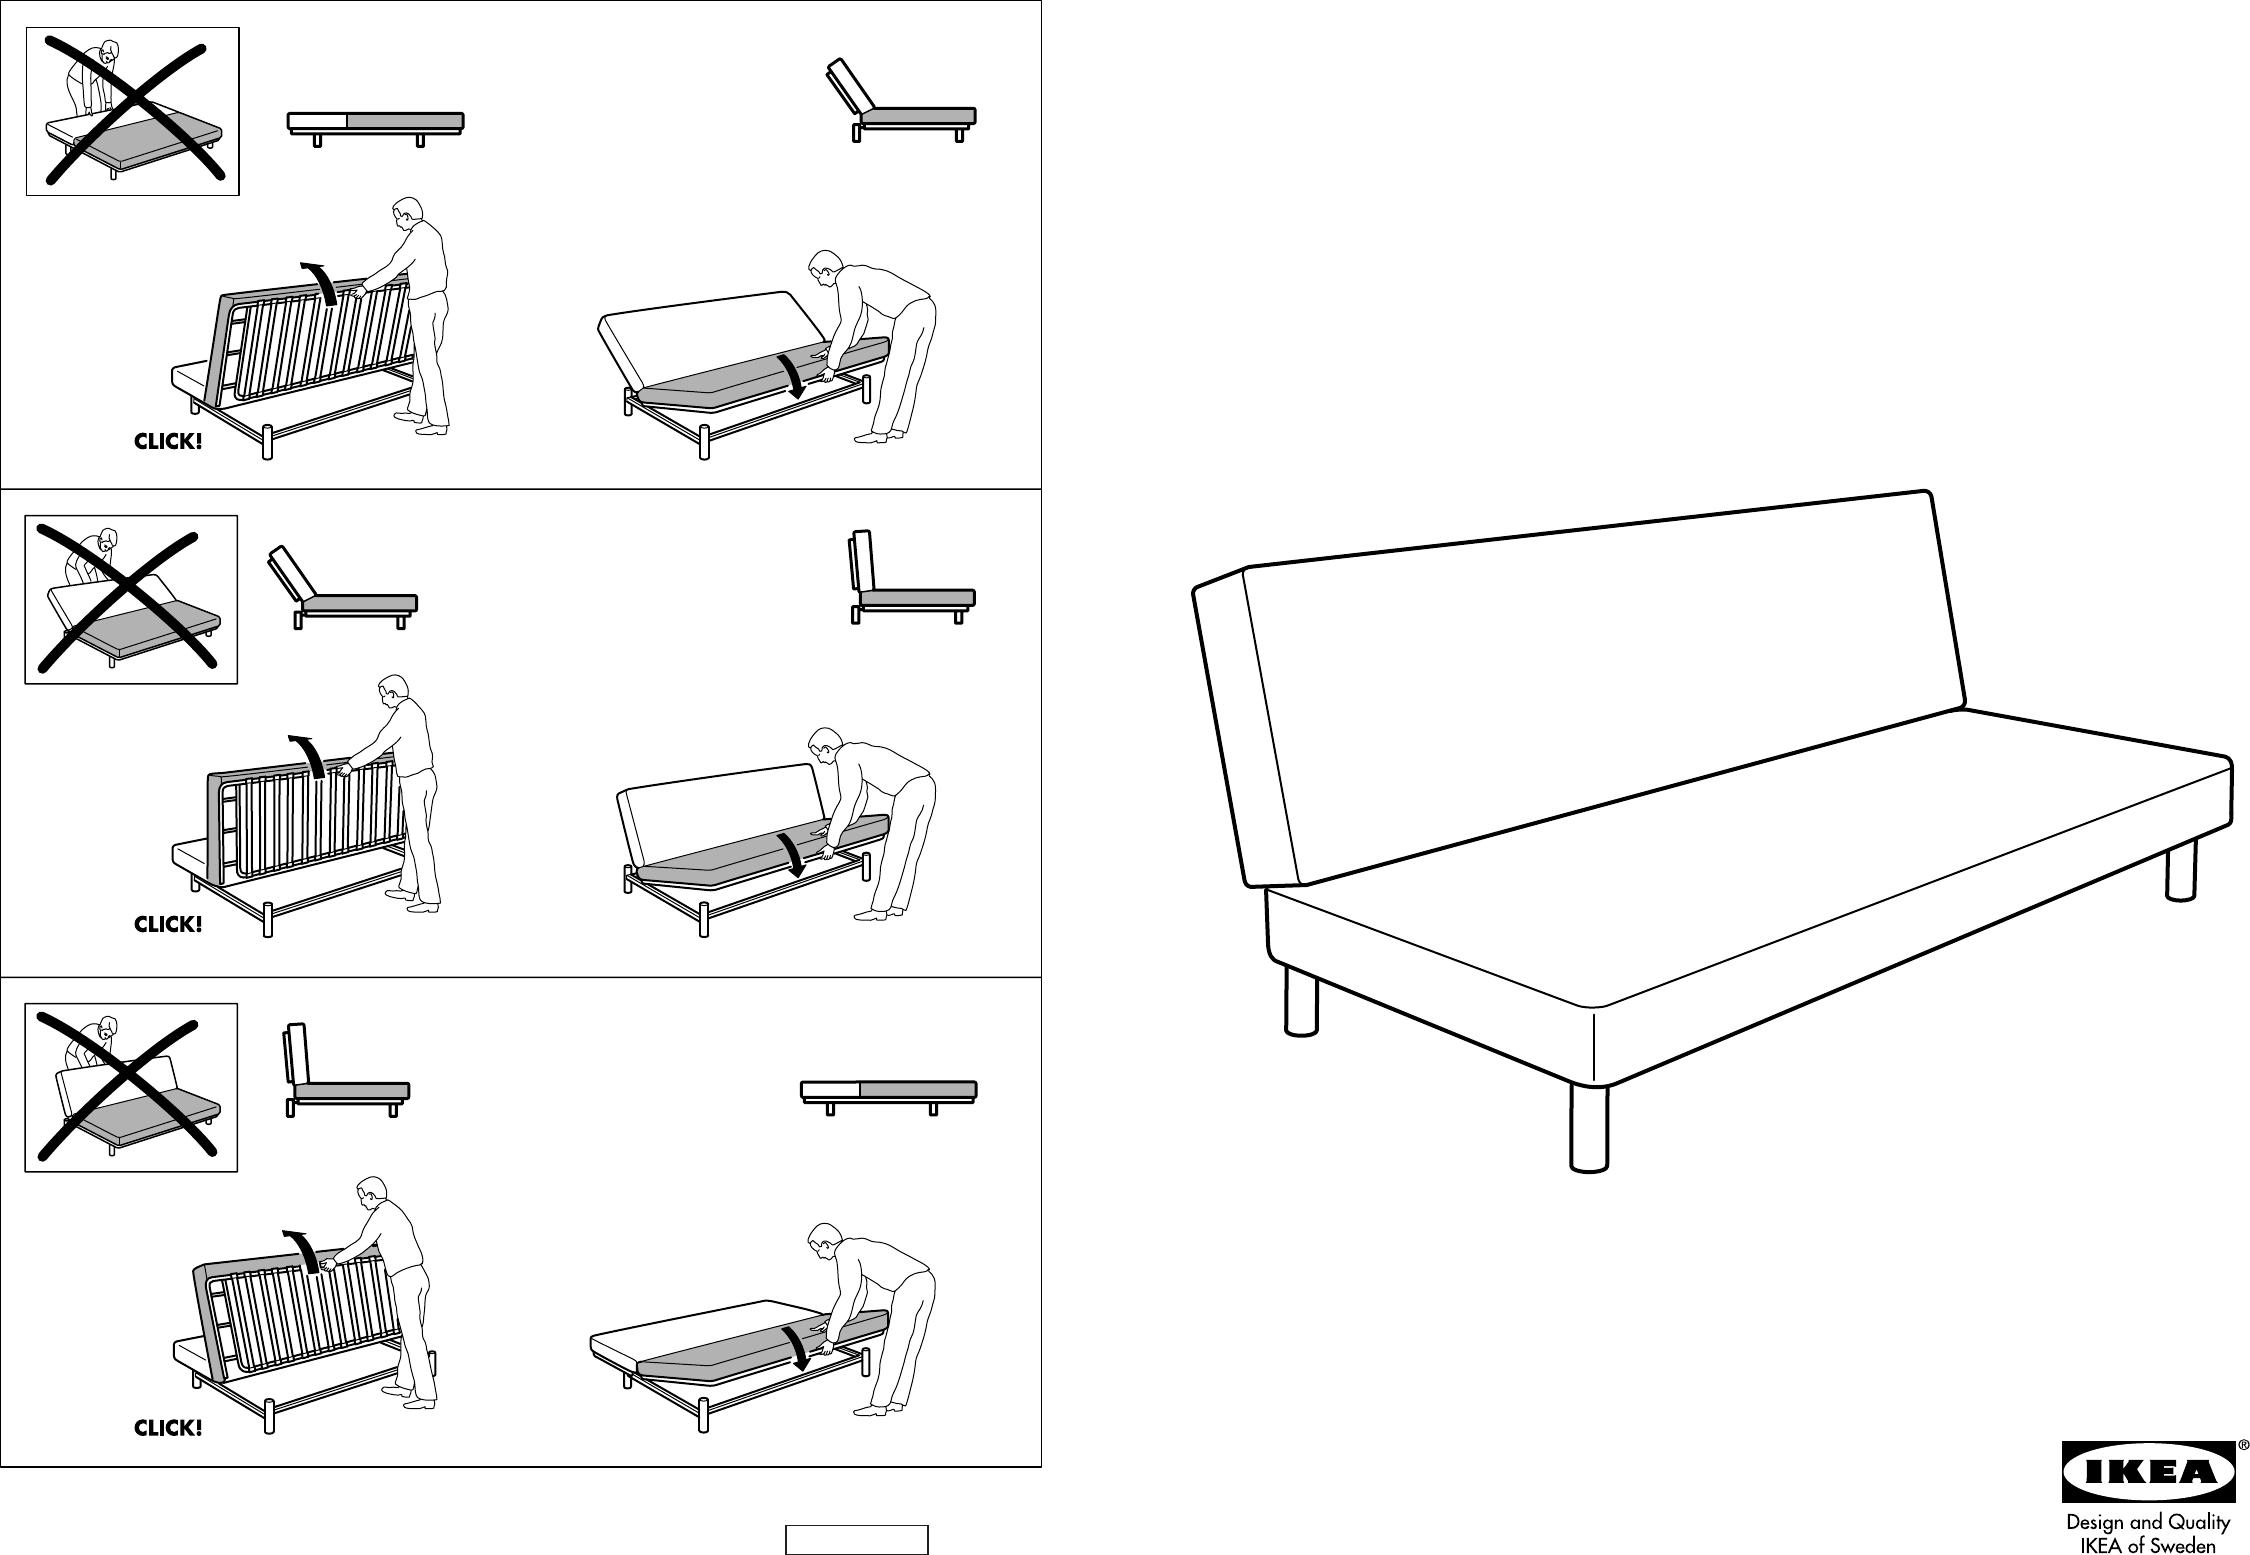 Ikea Beddinge Slaapbank Grijs.Handleiding Ikea Beddinge Slaapbank Pagina 1 Van 4 Dansk